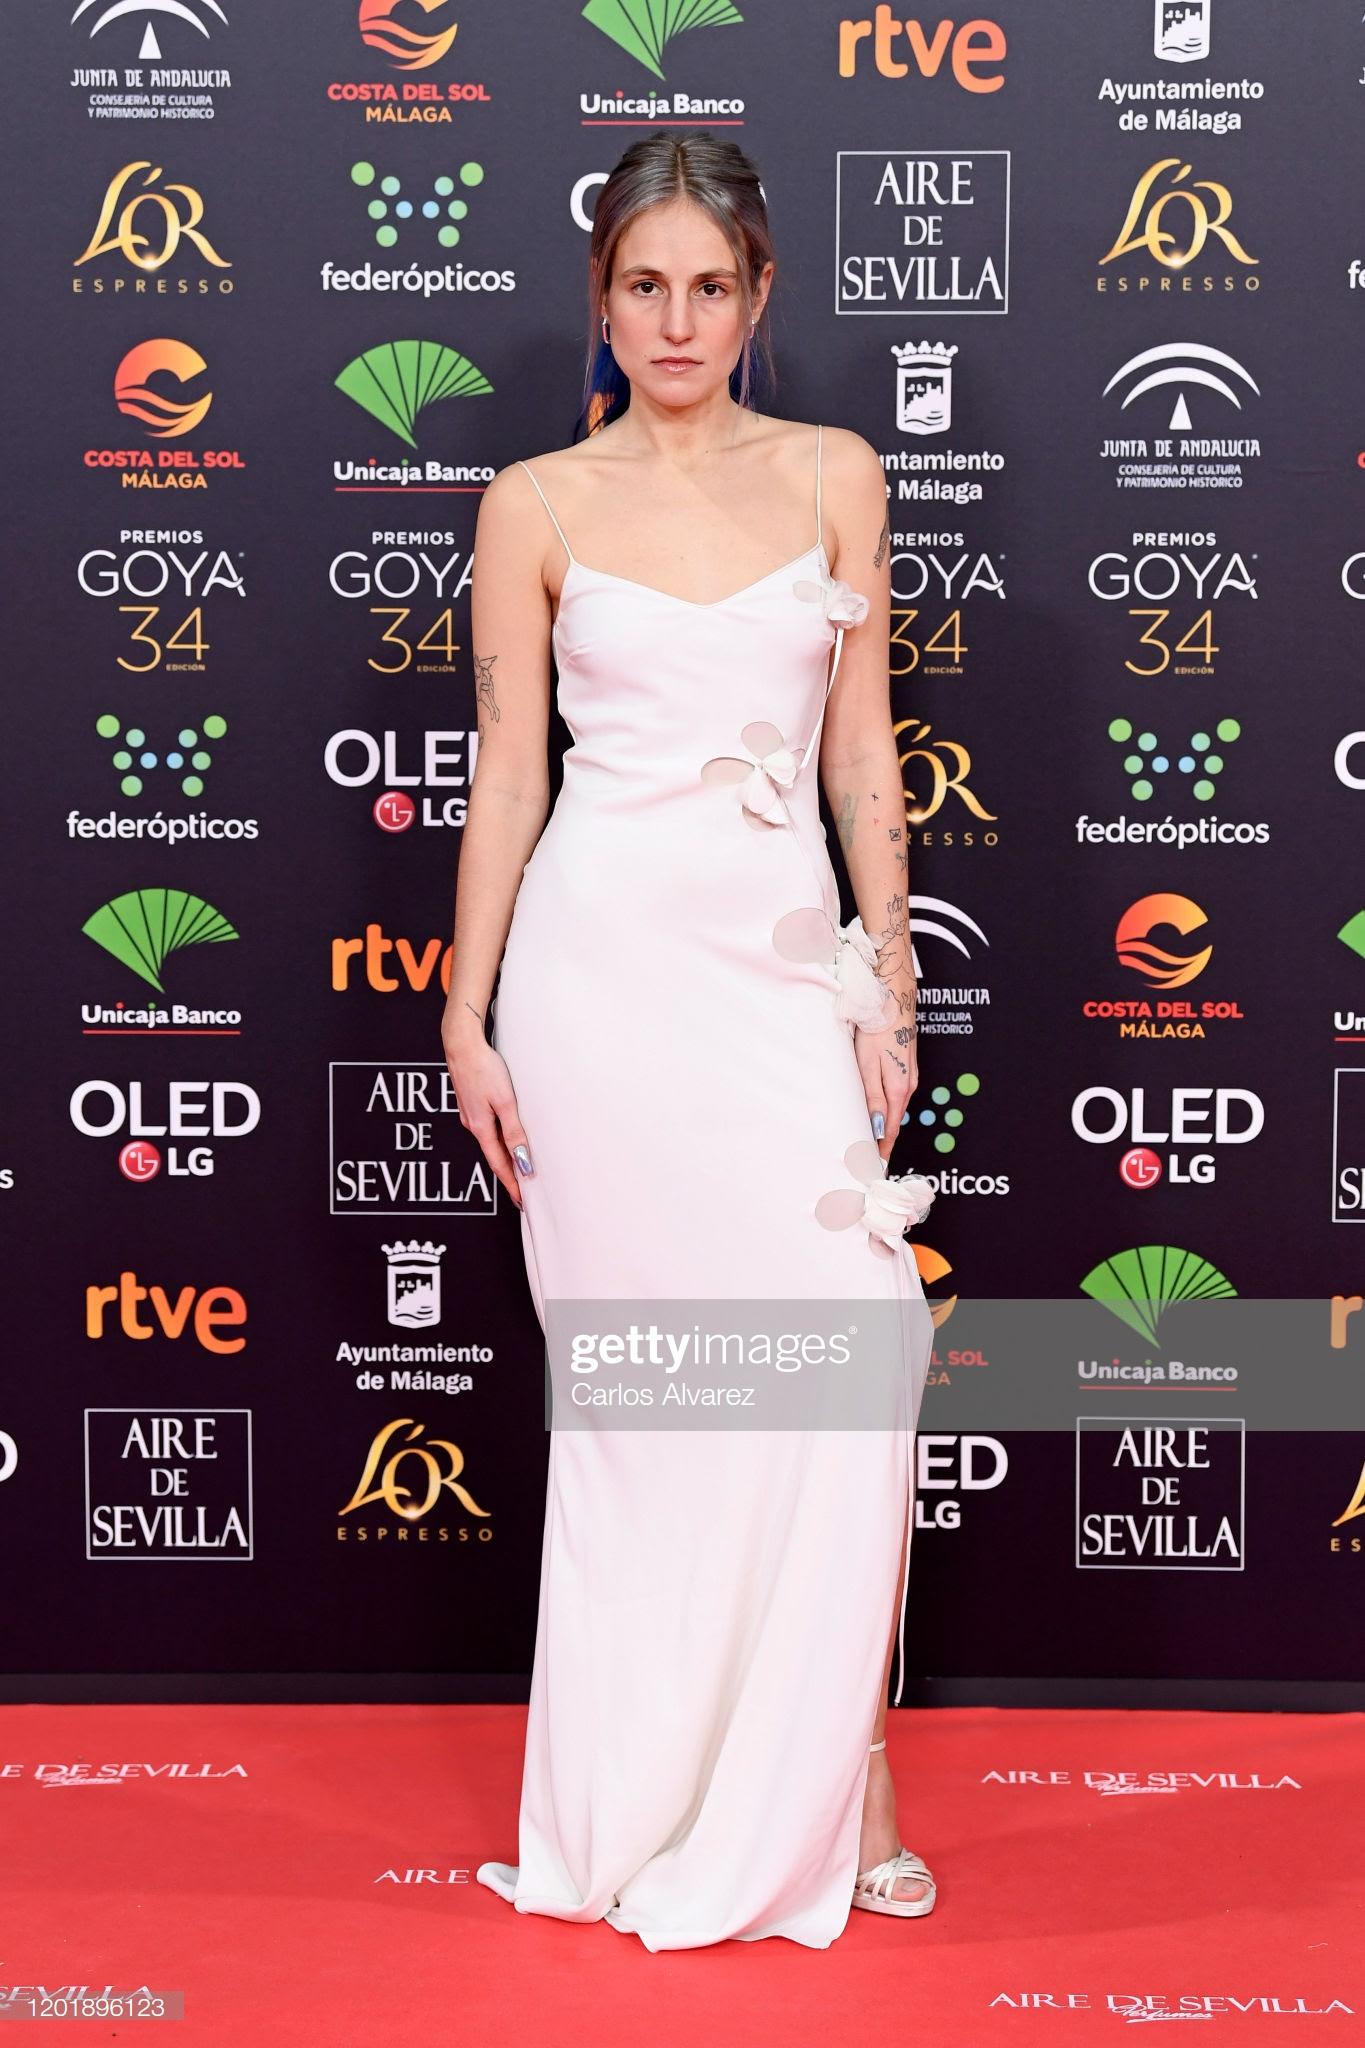 05881716 aaa1 491f b0ad 8a9f507e9f79 - Premios Goya 2020 : Looks de todas las celebrities que lucieron  marcas de Replica